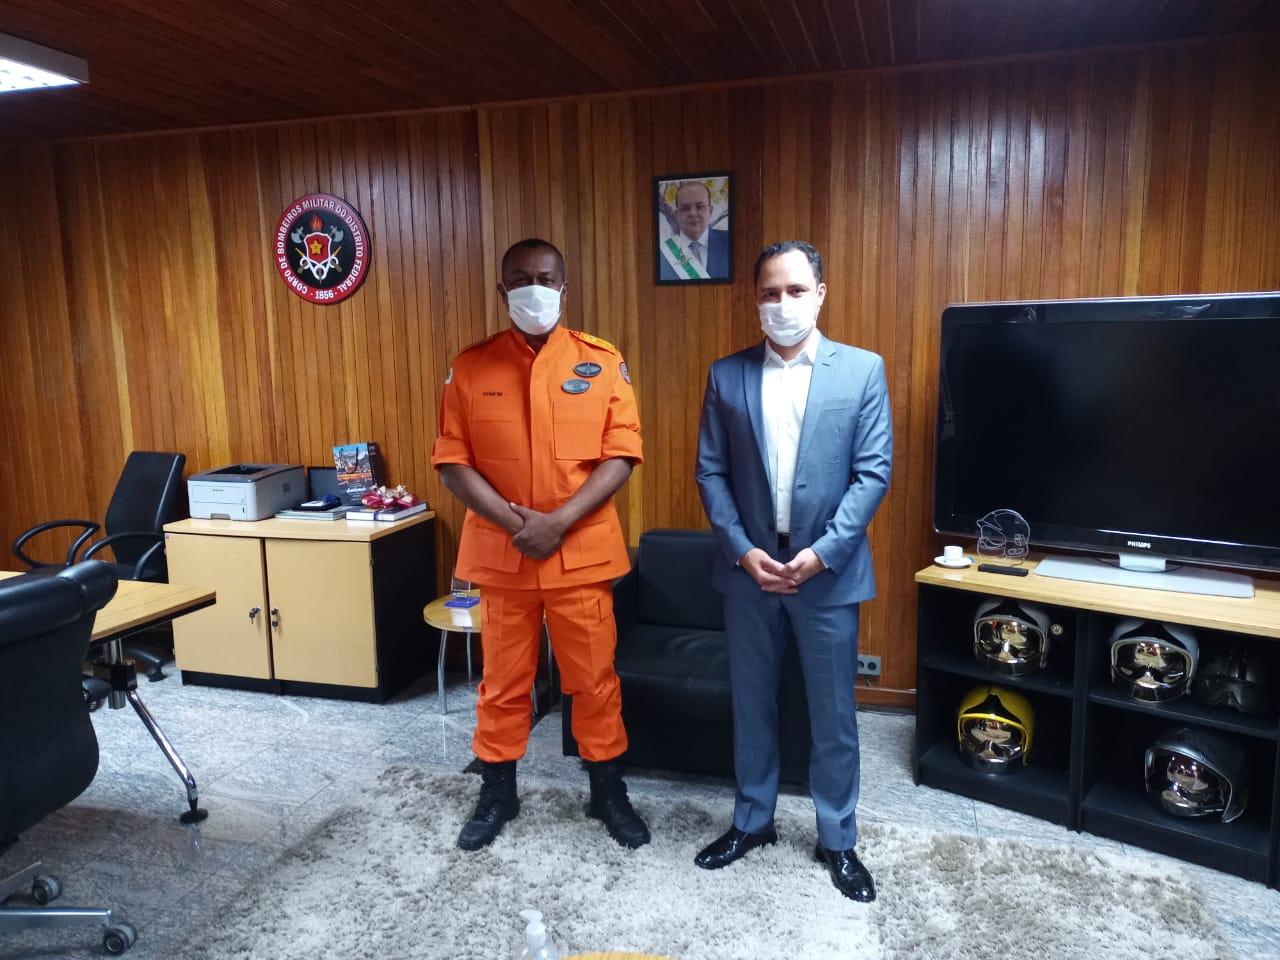 Visita do Secretário de Estado Do Governo do Distrito Federal